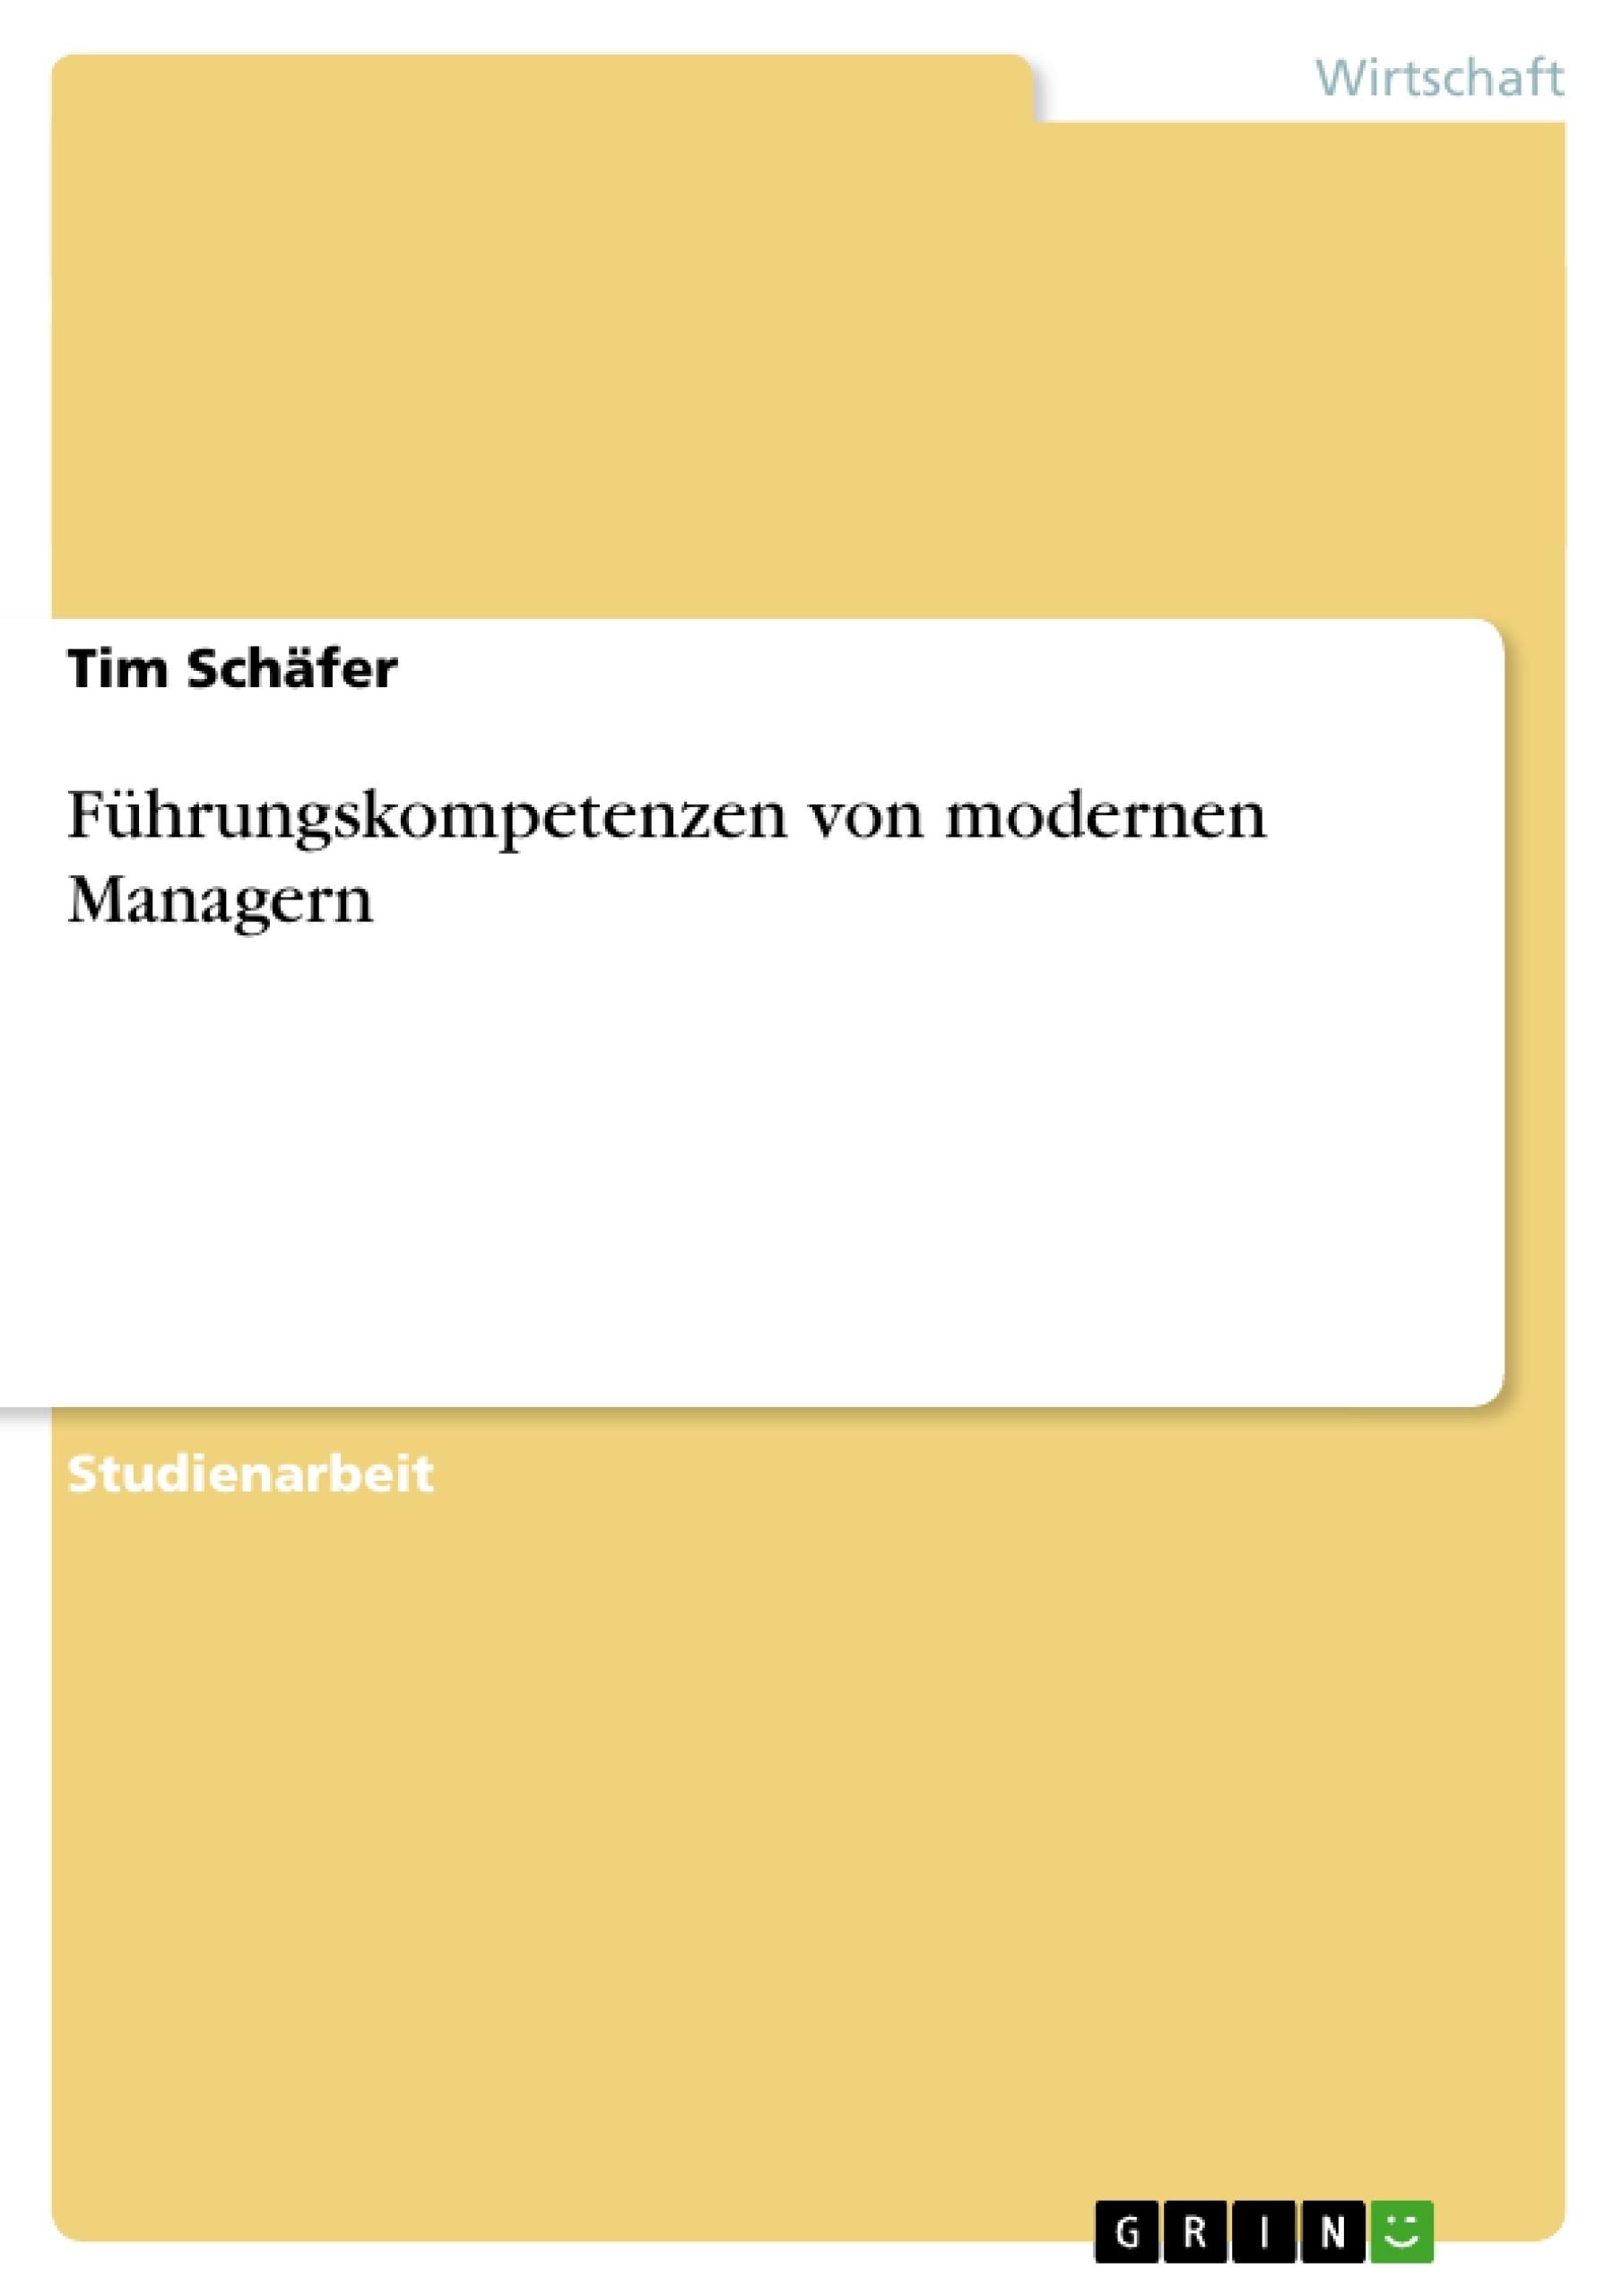 Titel: Führungskompetenzen von modernen Managern